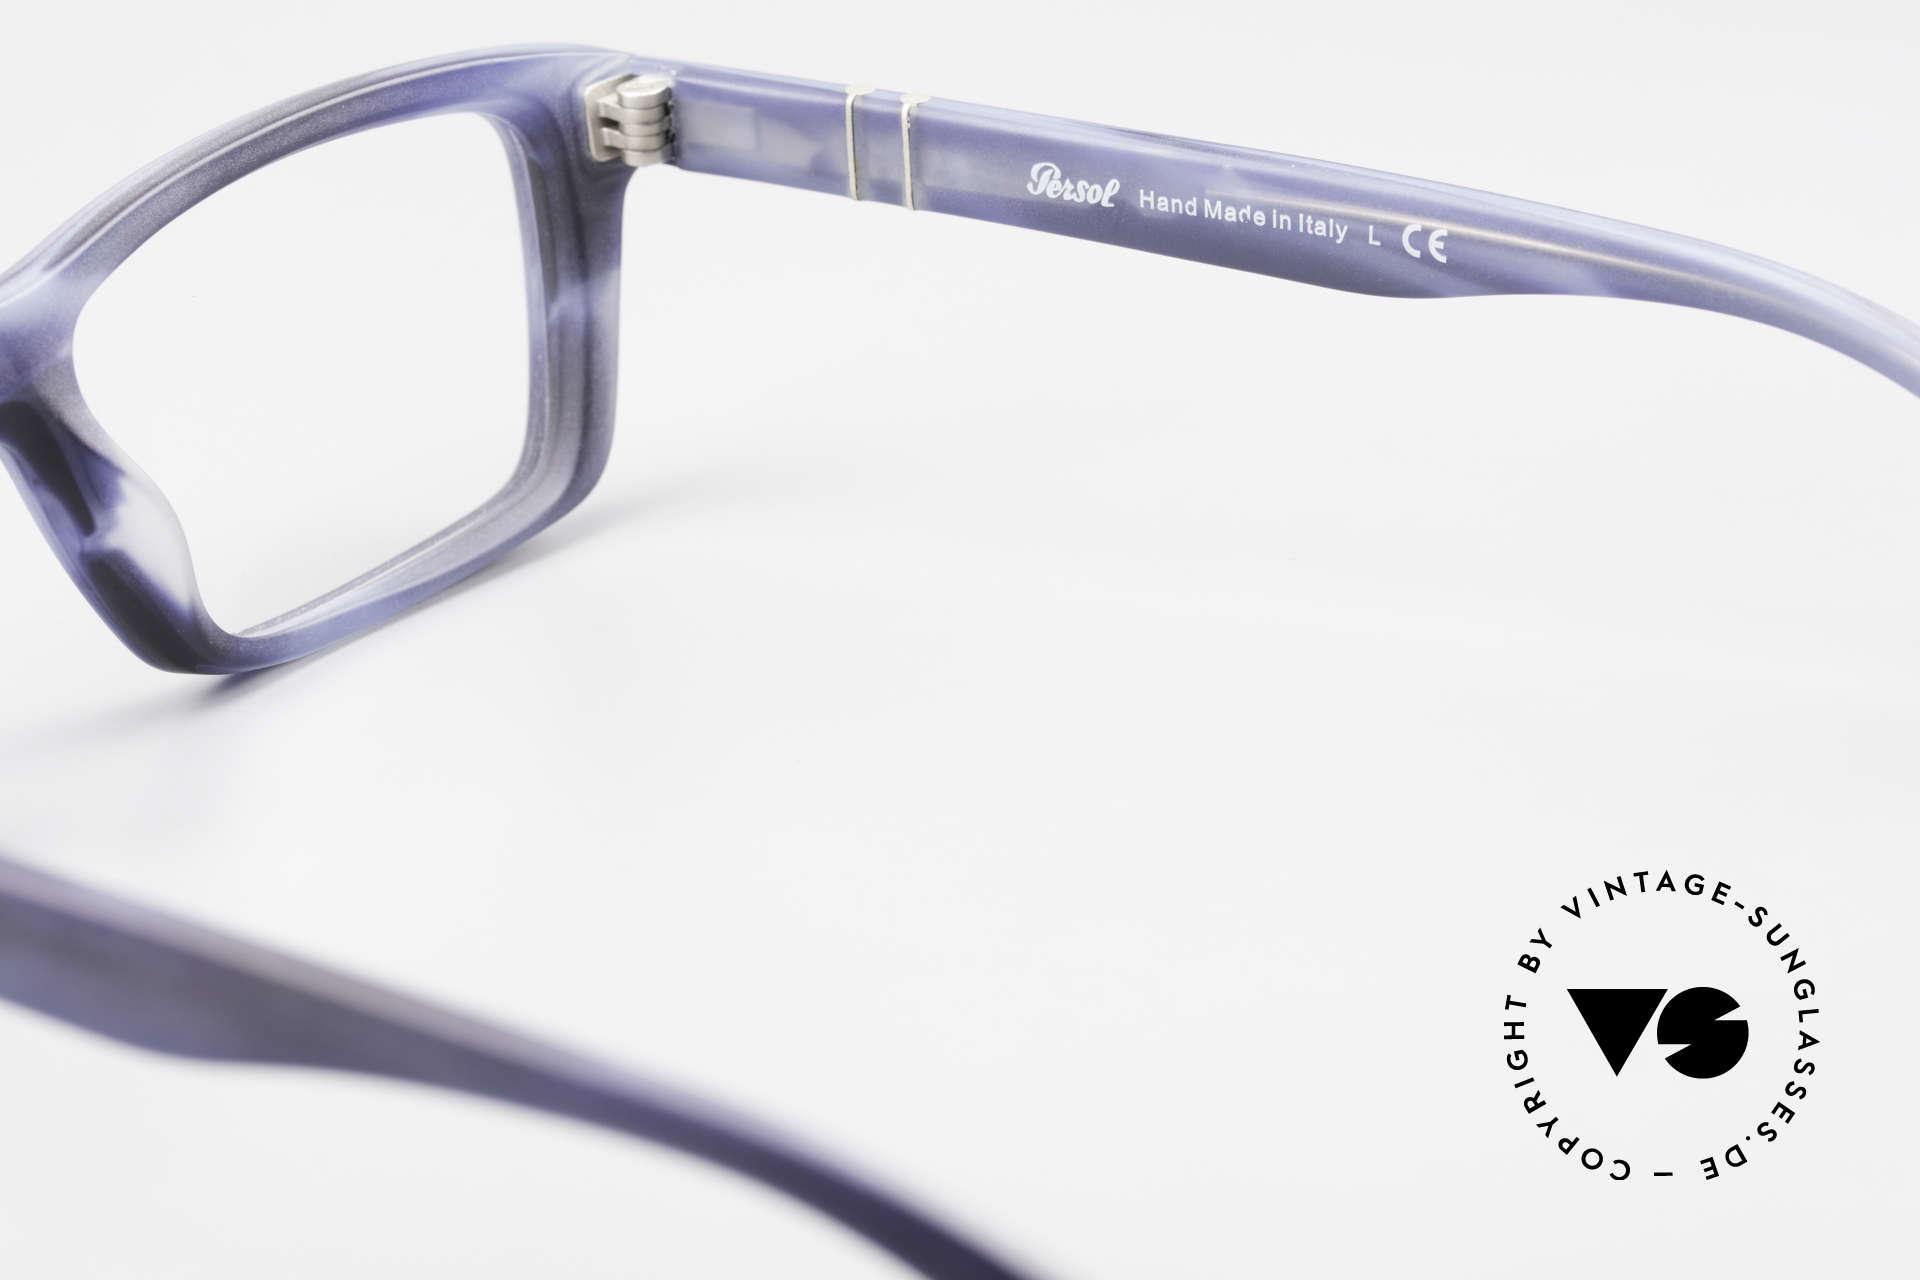 Persol 3060 Striking Eyeglasses For Men, orig. name: Persol 3060-V, 9012, size 54/17, 145, Made for Men